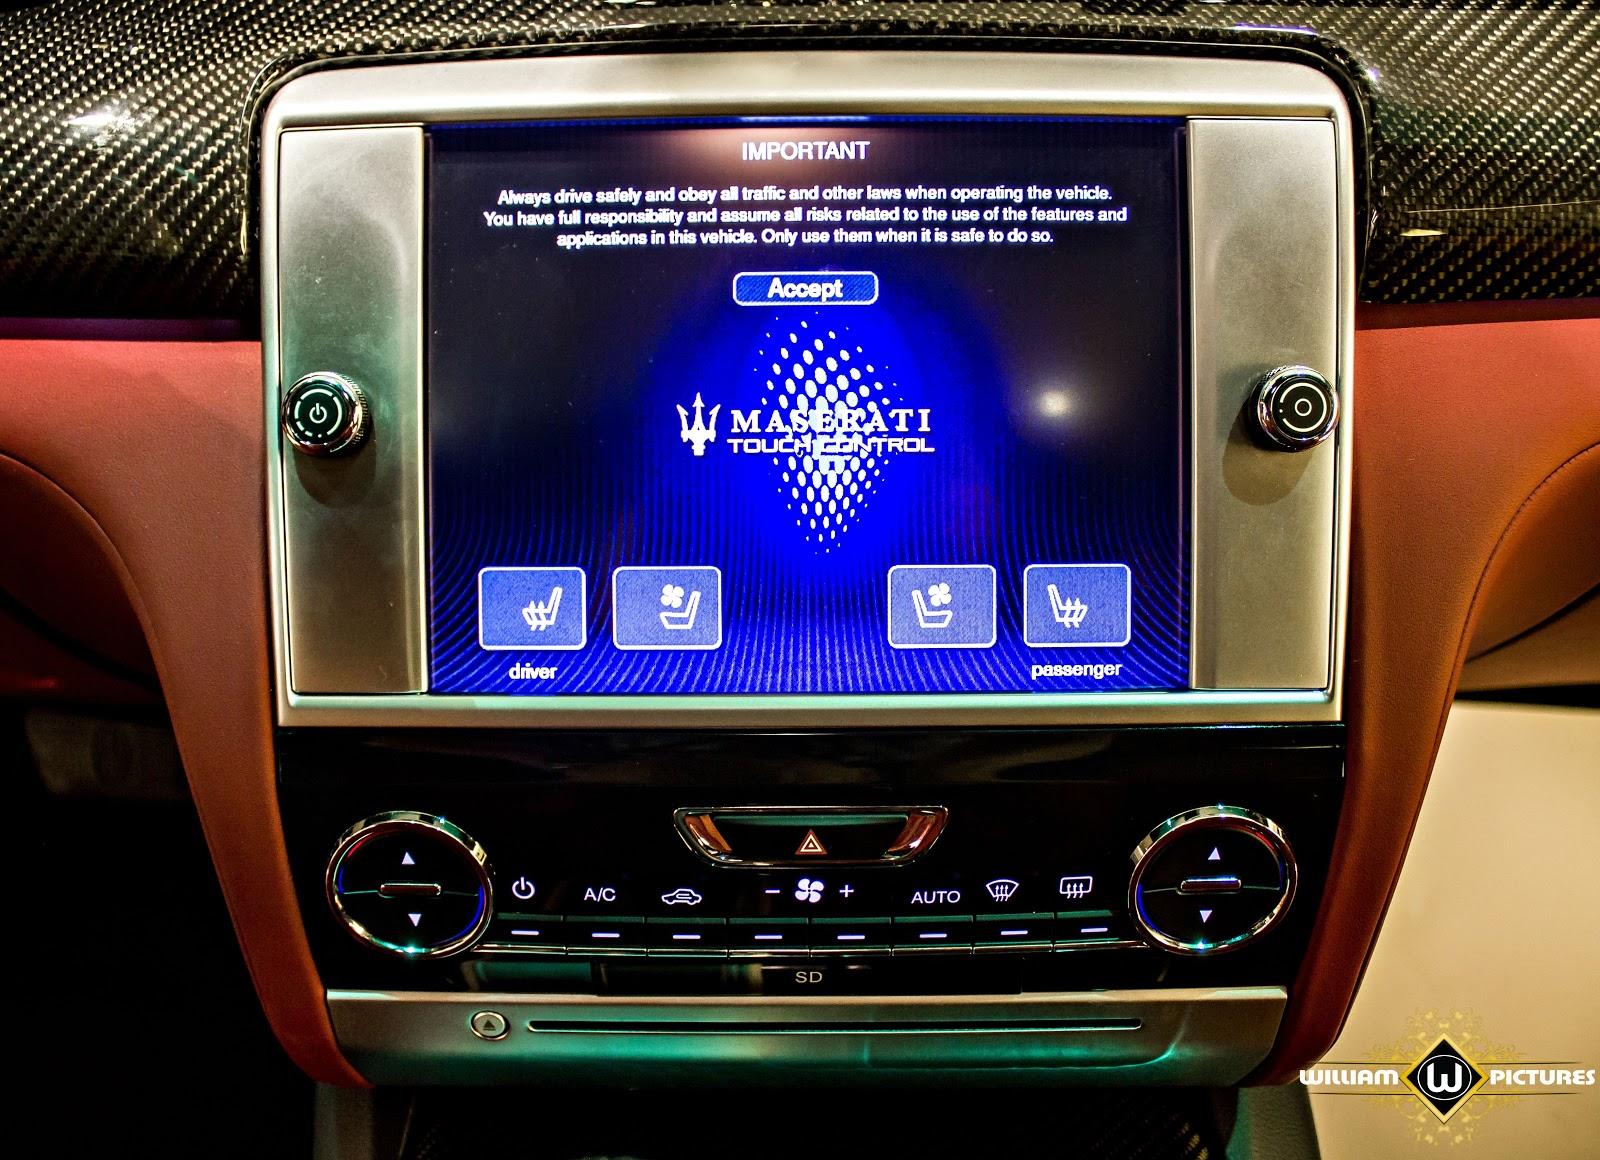 Nhiều tính năng an toàn thông minh được tích hợp trong hệ thống điều khiển này